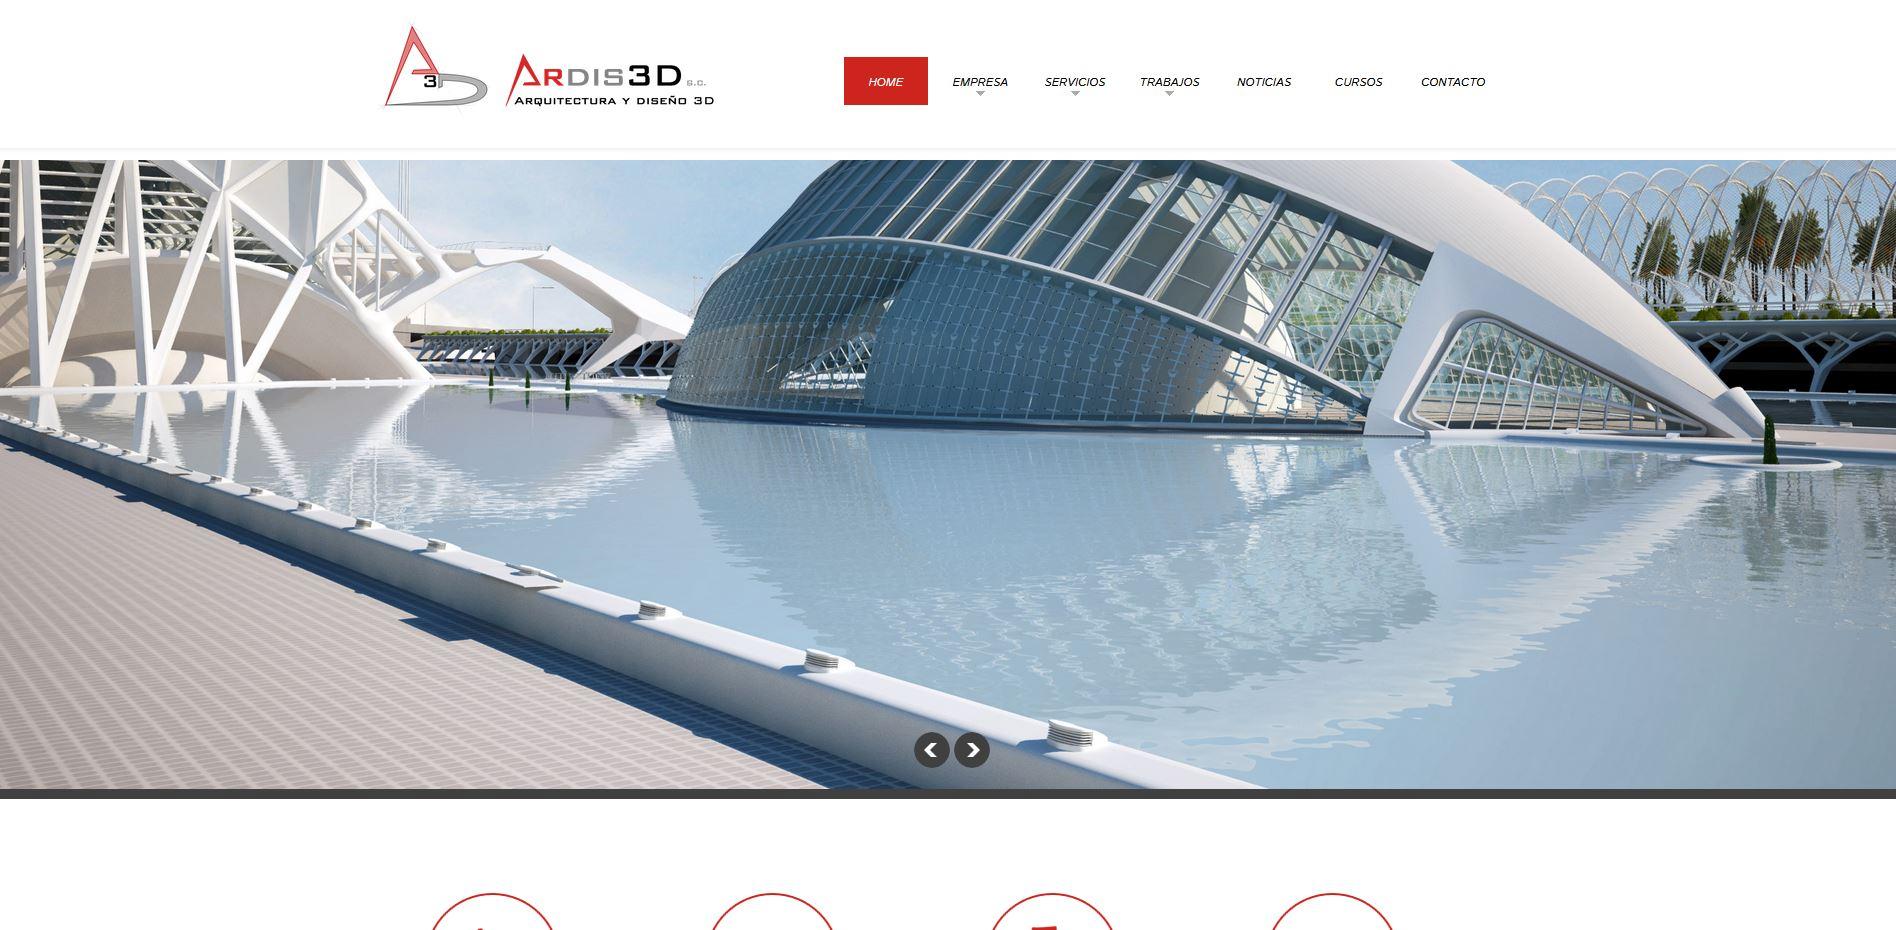 P ginas web arquitectura y 3d valencia ardis3d - Paginas de arquitectura y diseno ...